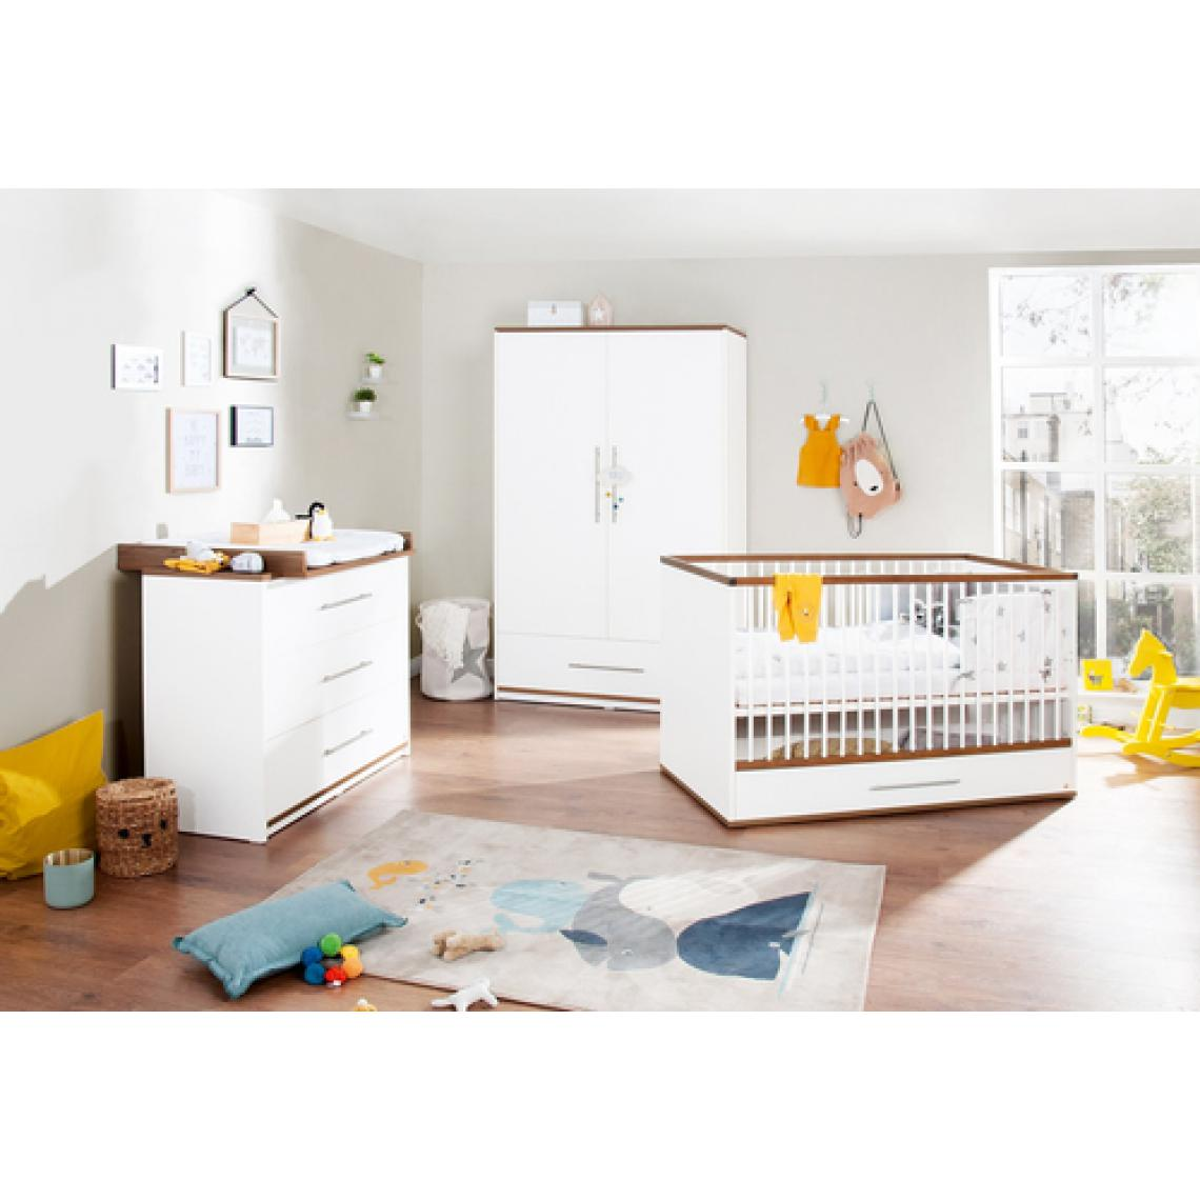 Pinolino Pinolino Chambre de bébé Tuula 3 pièces lit de bébé évolutif commode à langer armoire 2 portes